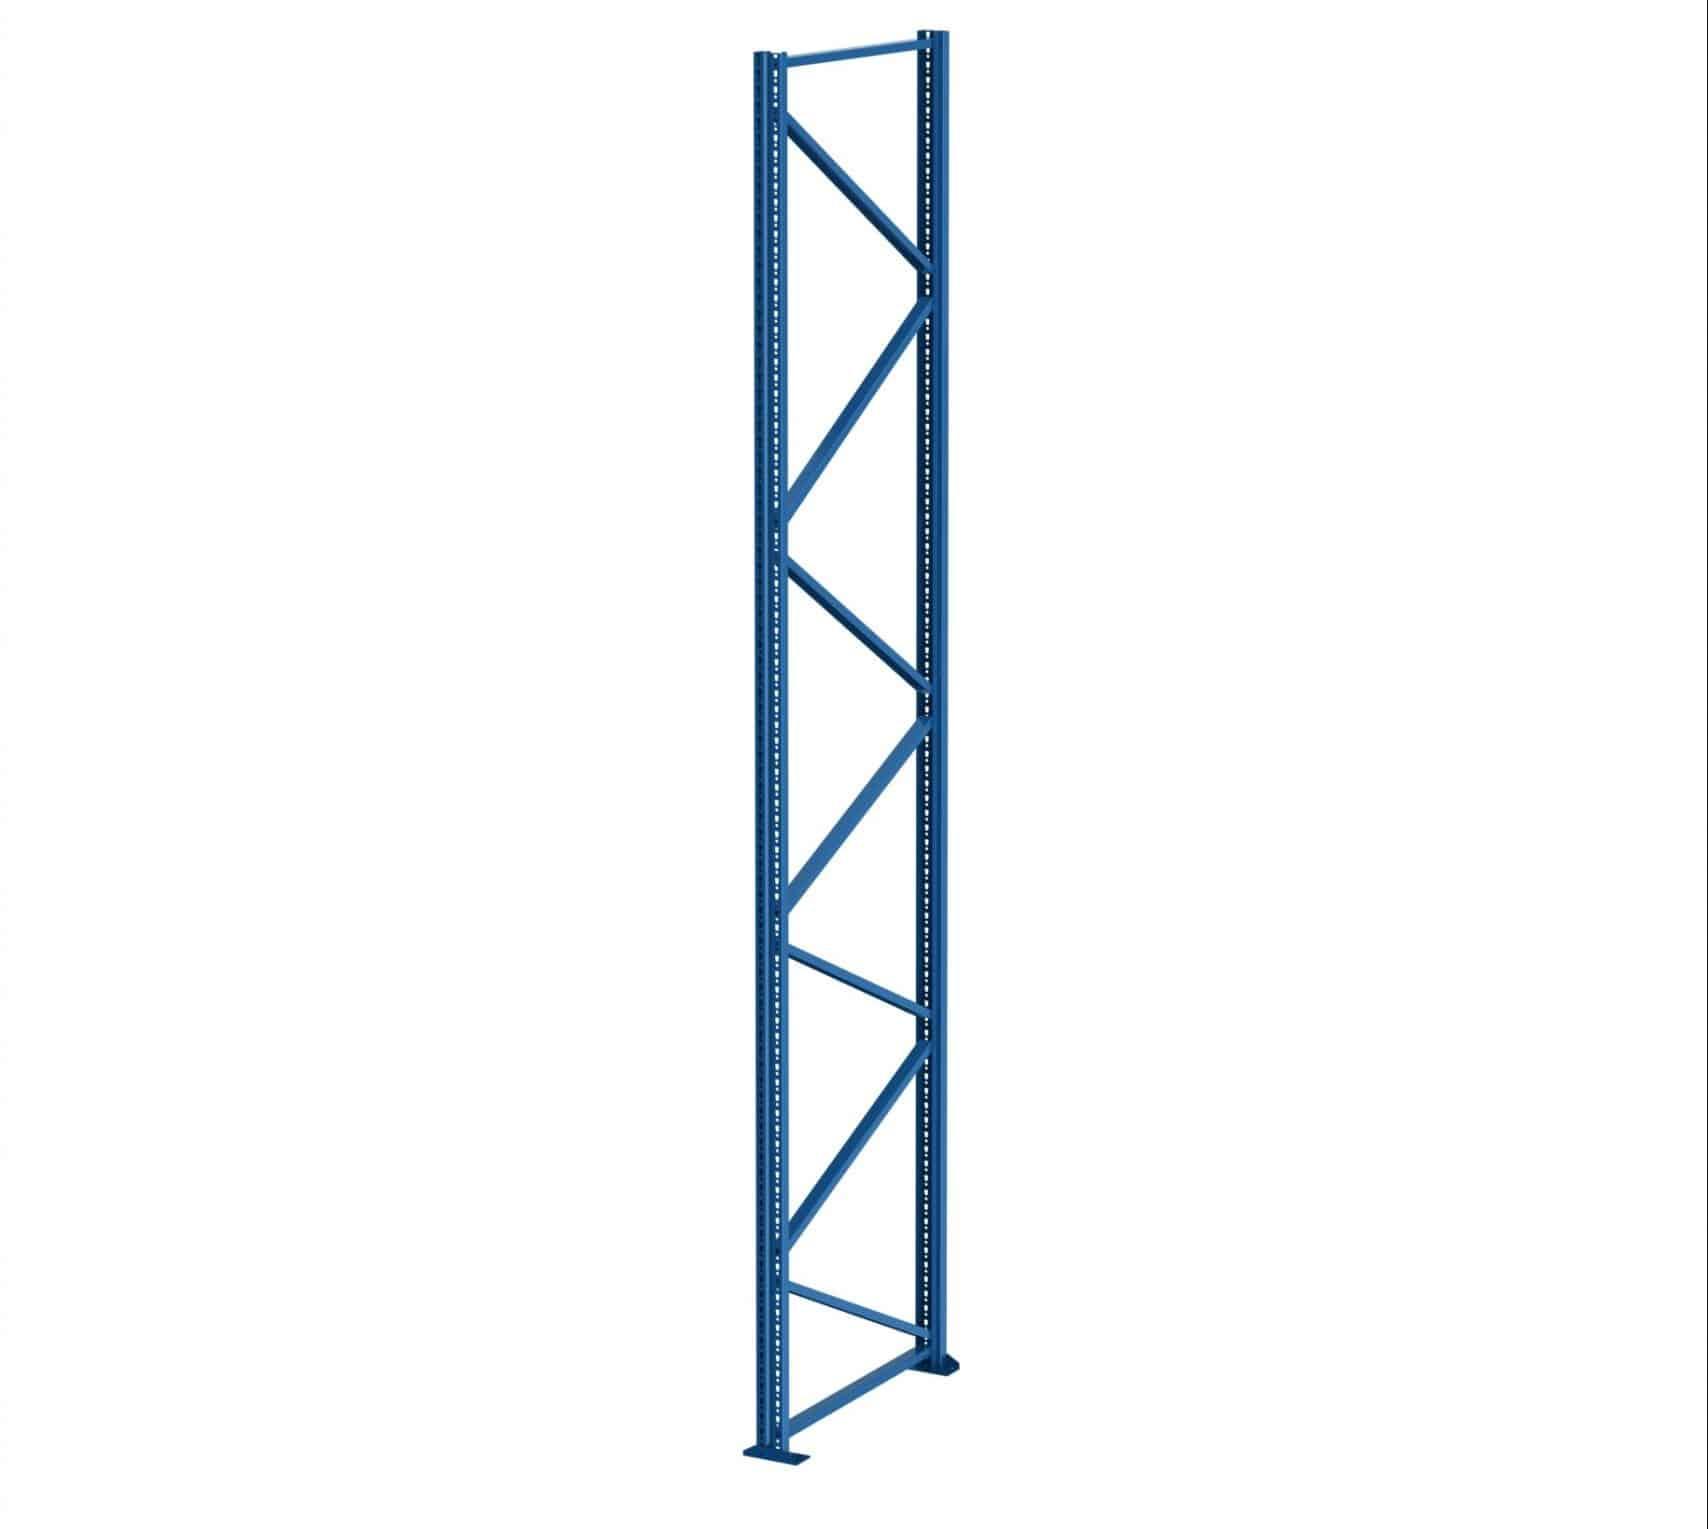 NEDCON Set Ständerrahmen Modell 10068204050 Höhe 4500 mm, Tiefe 1100 mm